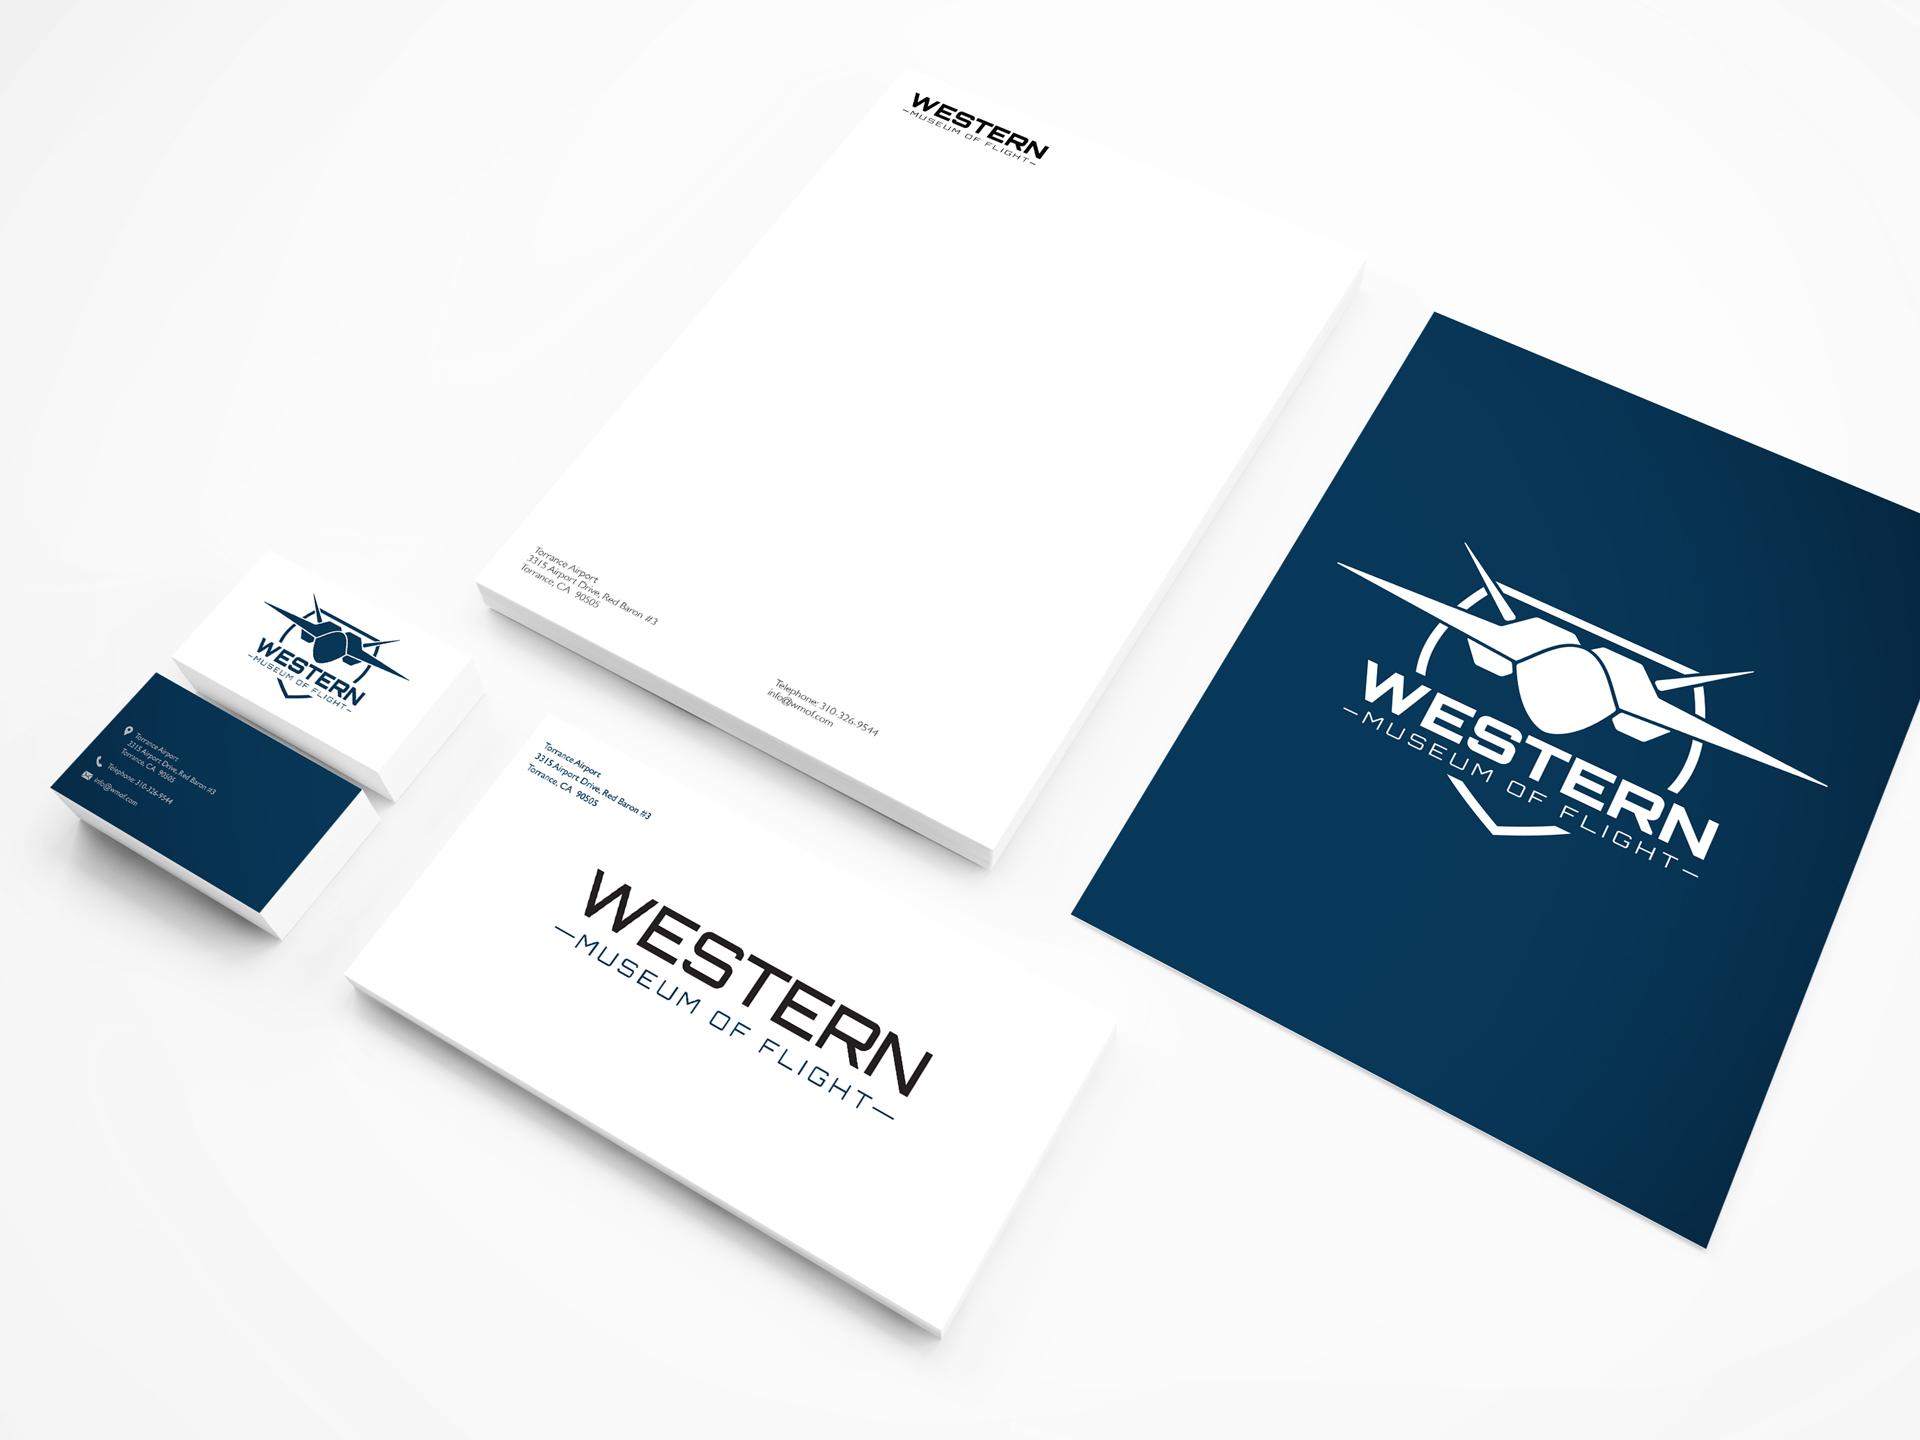 WMOF-Branding-Stationery.jpg